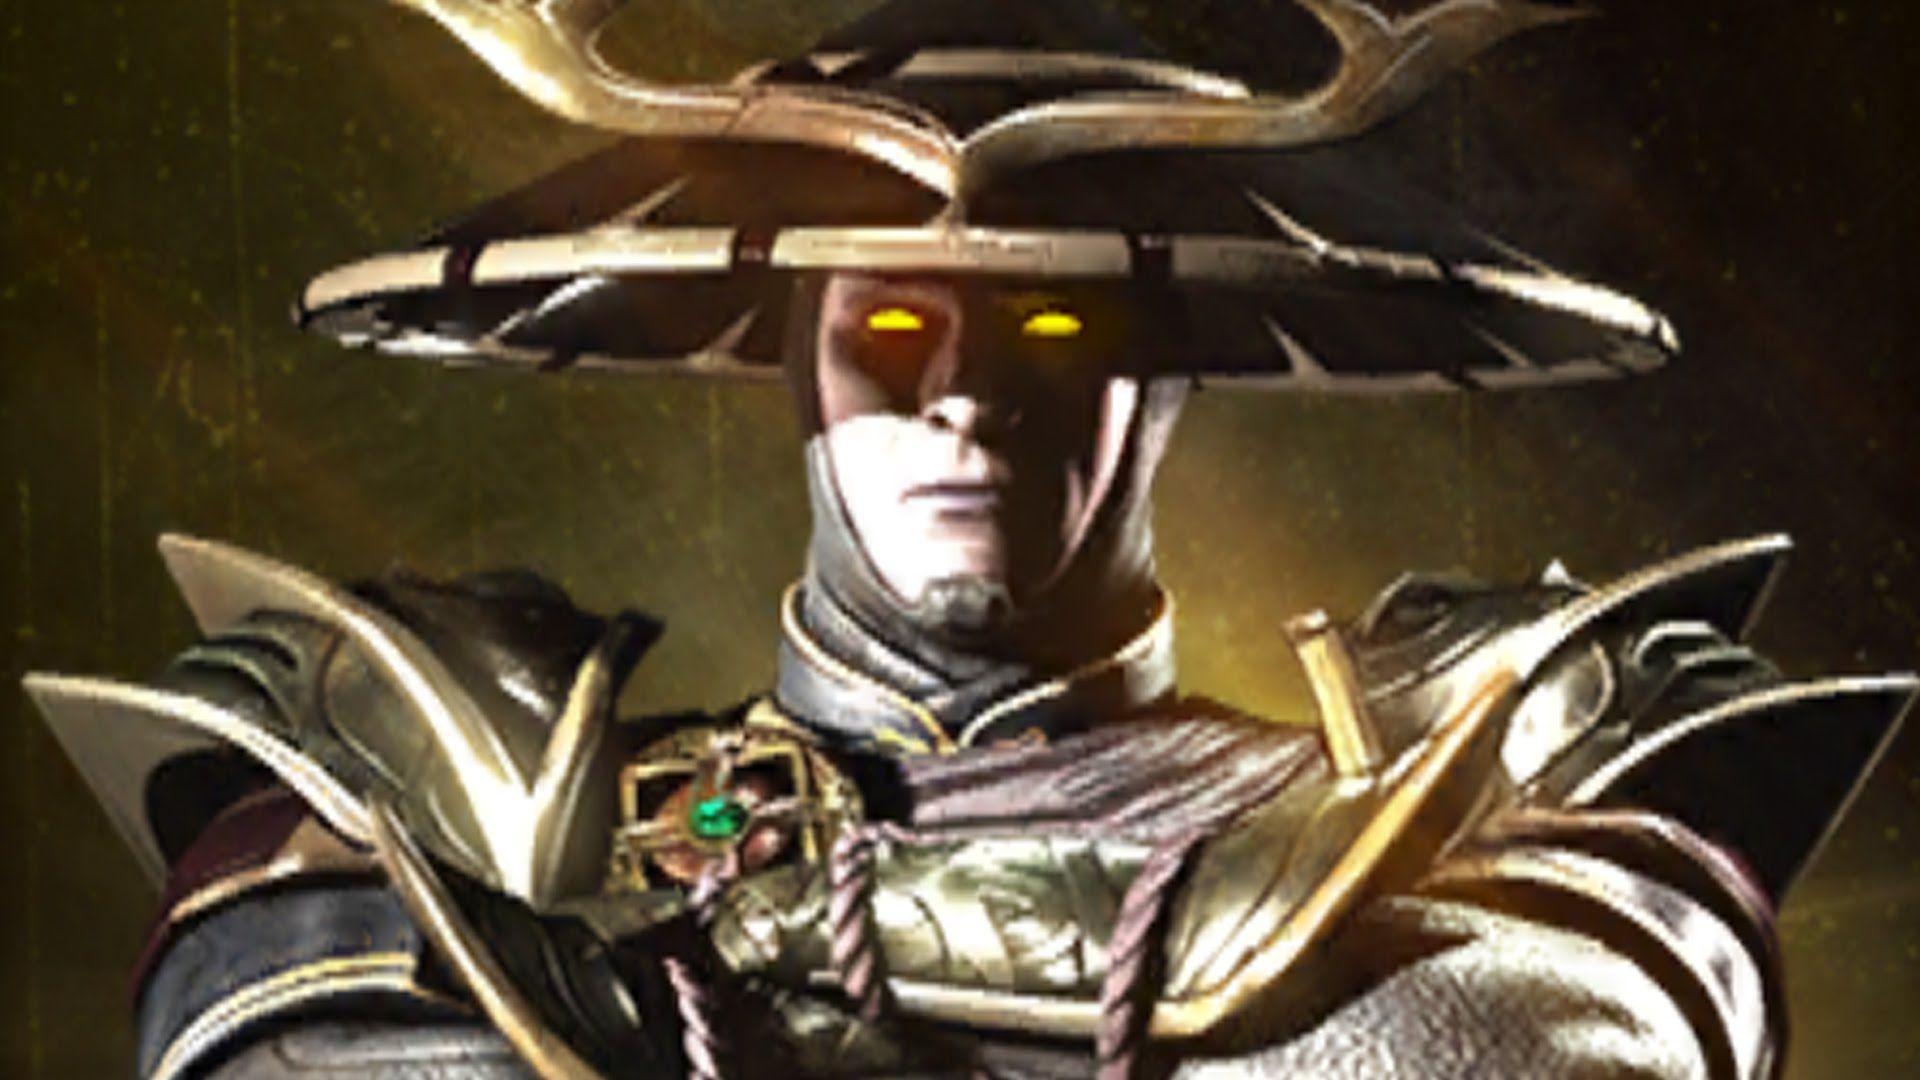 Mortal Kombat Raiden Wallpapers Top Free Mortal Kombat Raiden